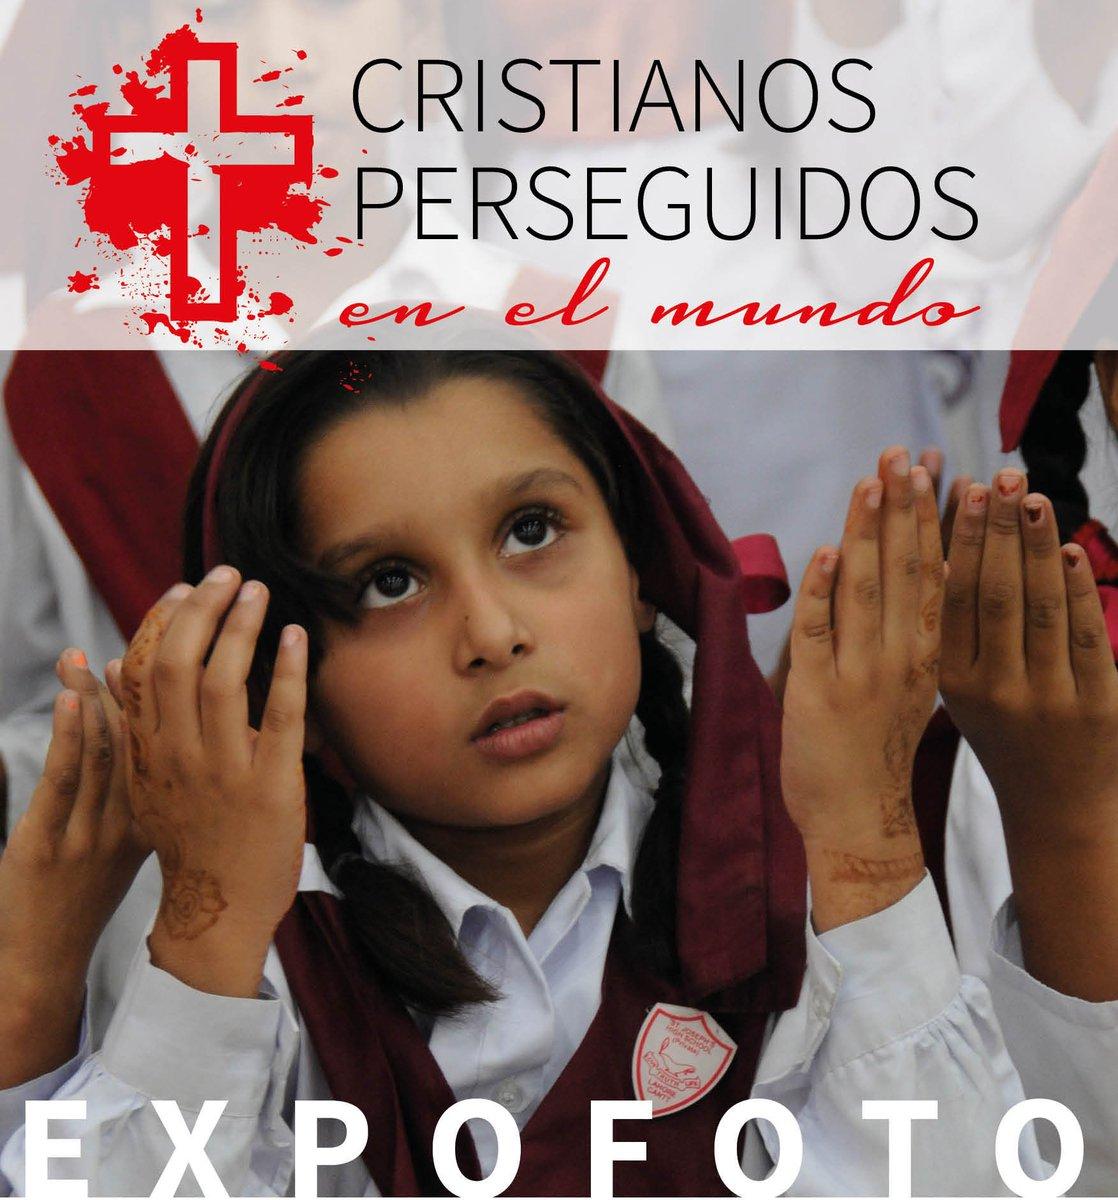 Resultado de imagen de expofoto aralar cristianos perseguidos